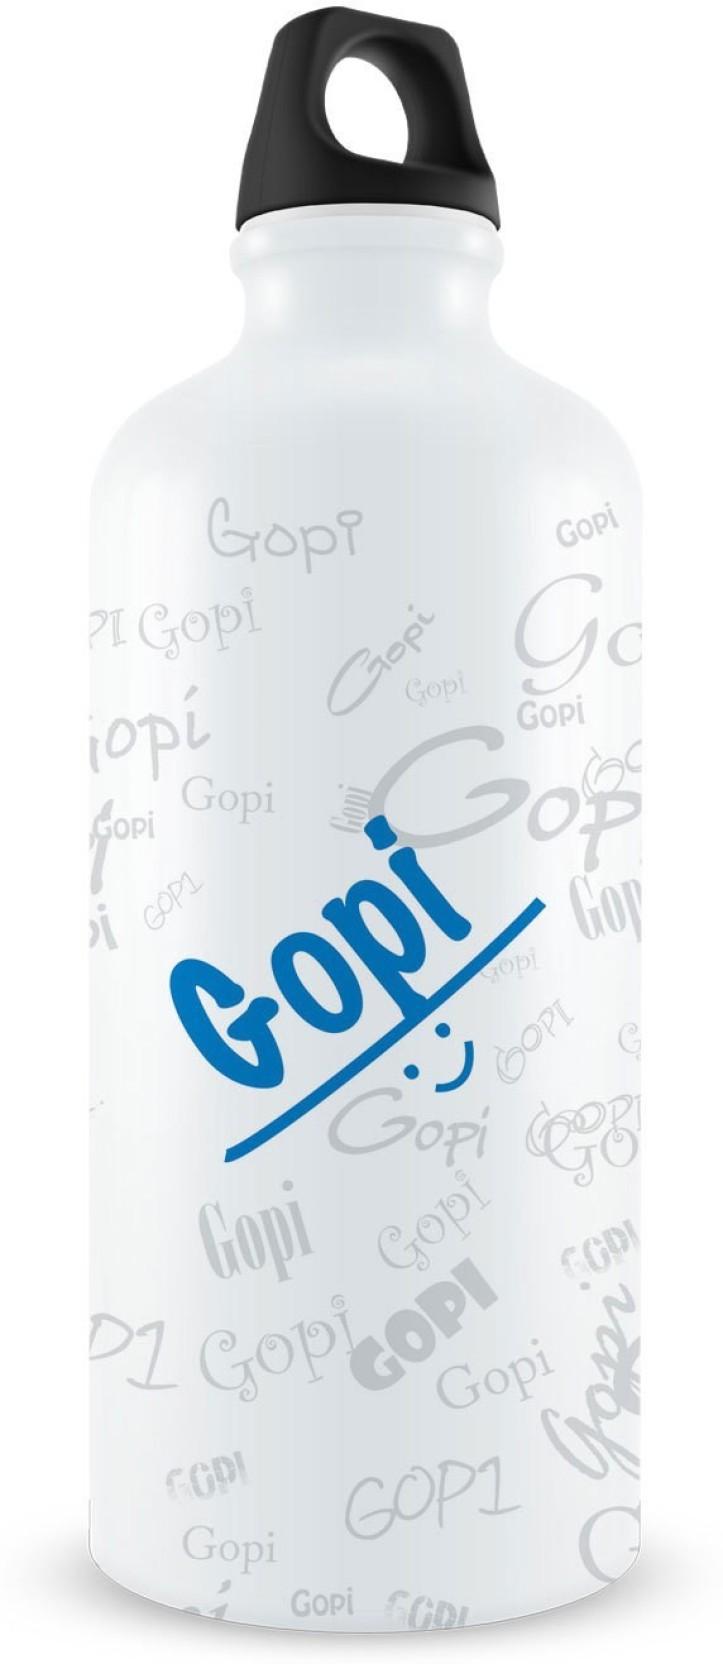 Hot Muggs Me Graffiti Bottle - Gopi 750 ml Bottle - Buy Hot